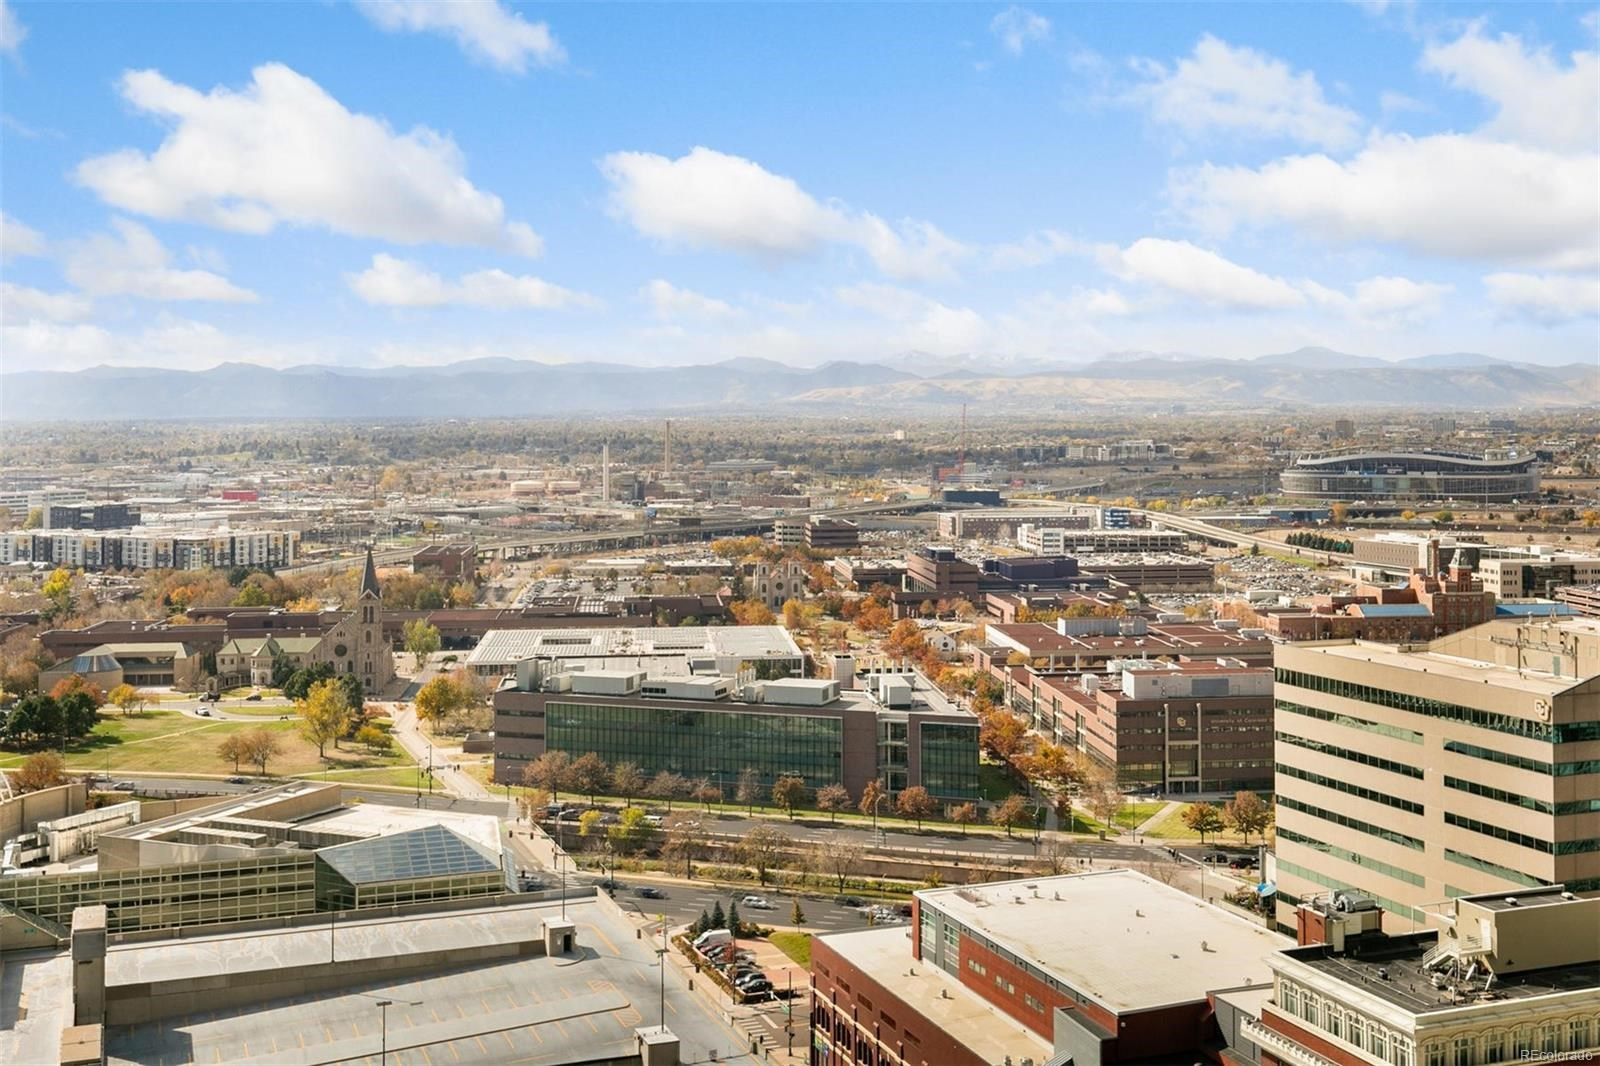 MLS# 9577947 - 1 - 1020  15th Street, Denver, CO 80202